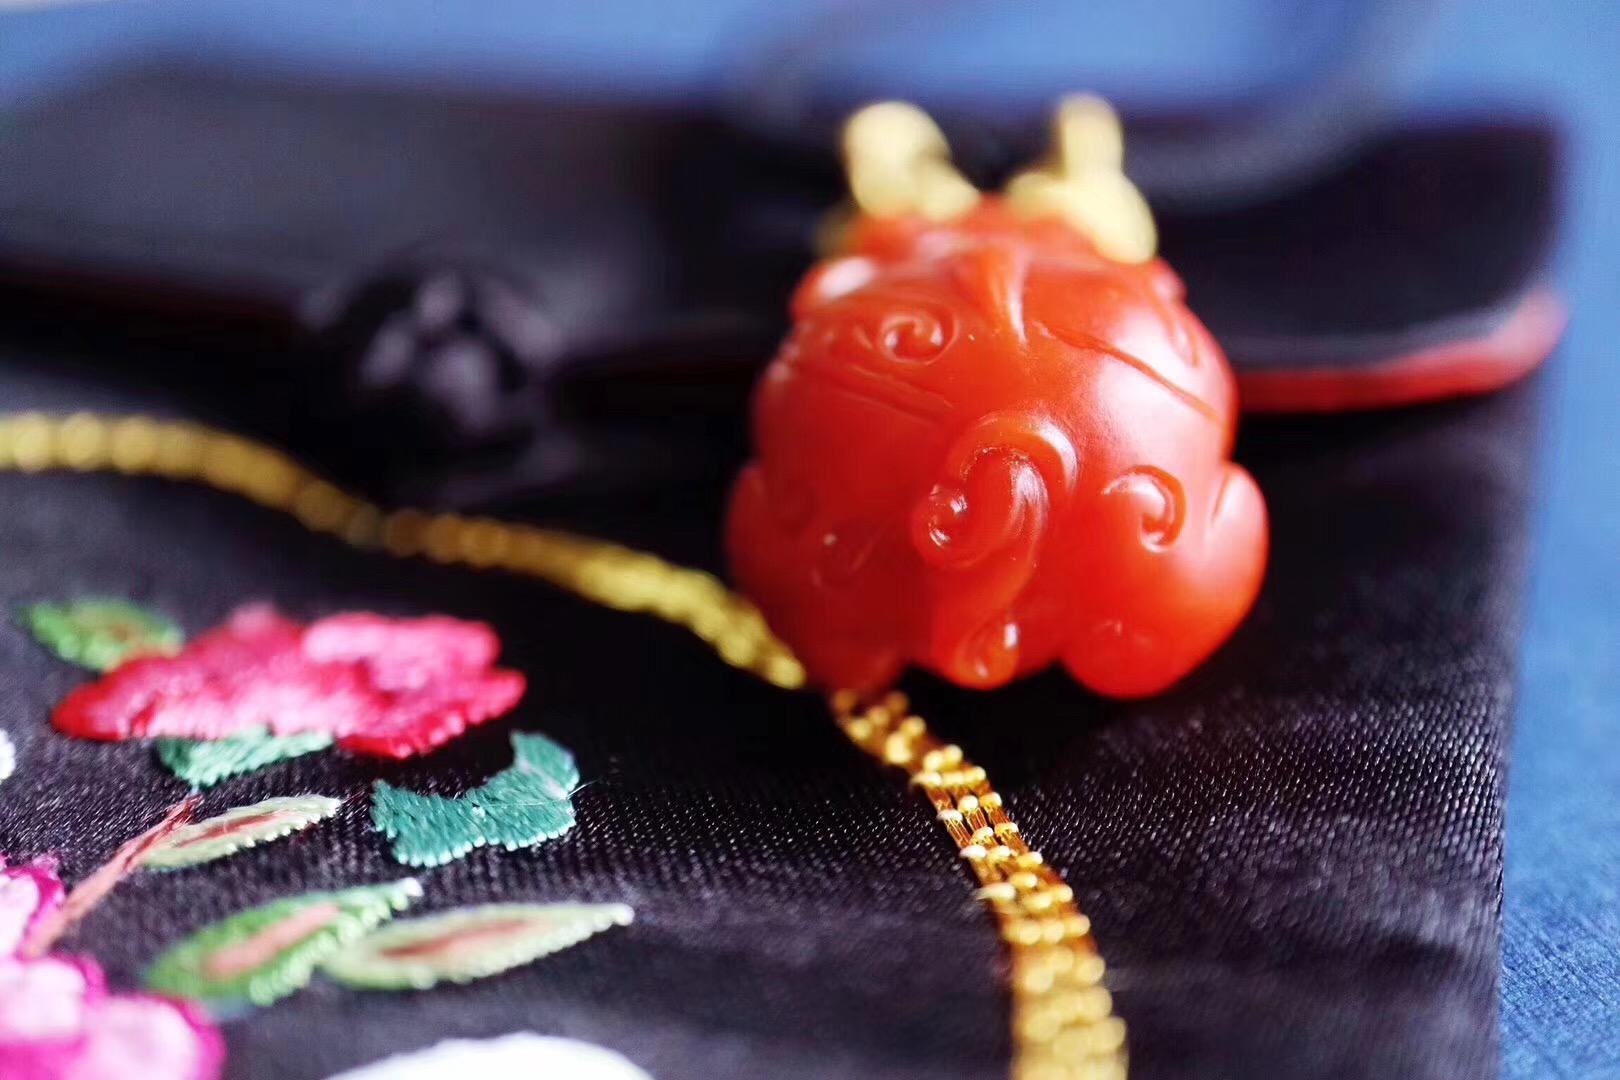 【菩心-保山南红&貔貅】招财辟邪神兽貔貅胸前一趴,余生顺顺当当。-菩心晶舍